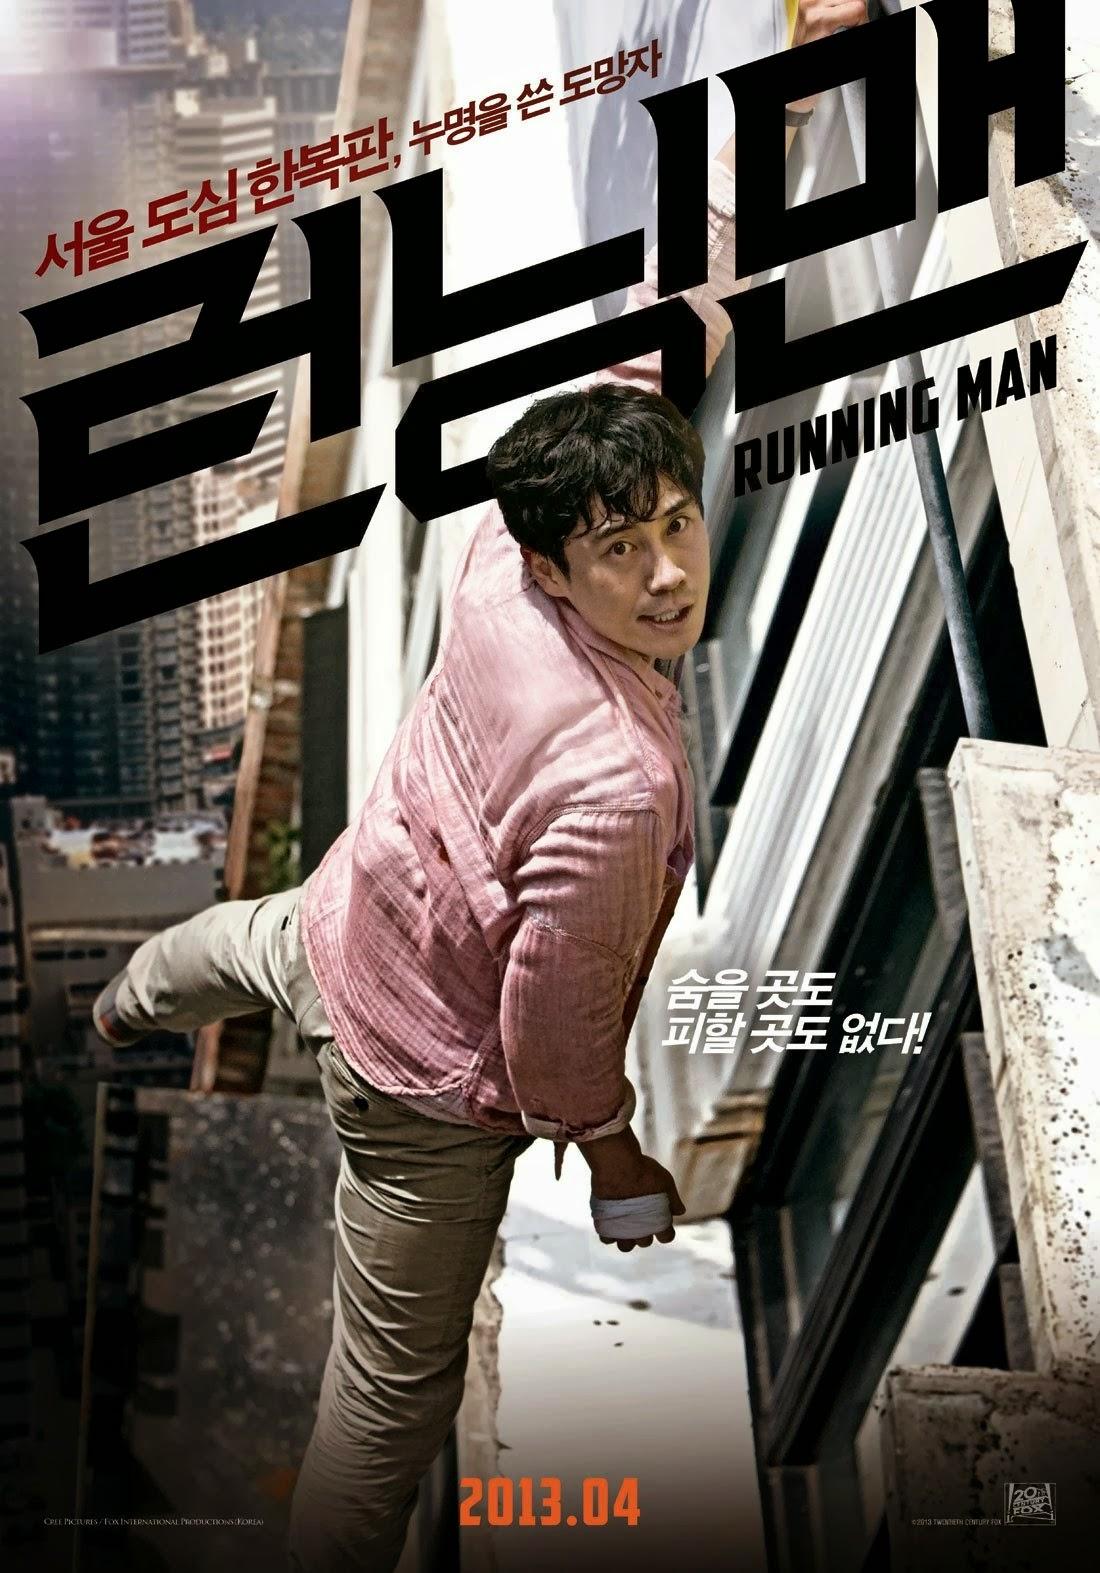 Runing man